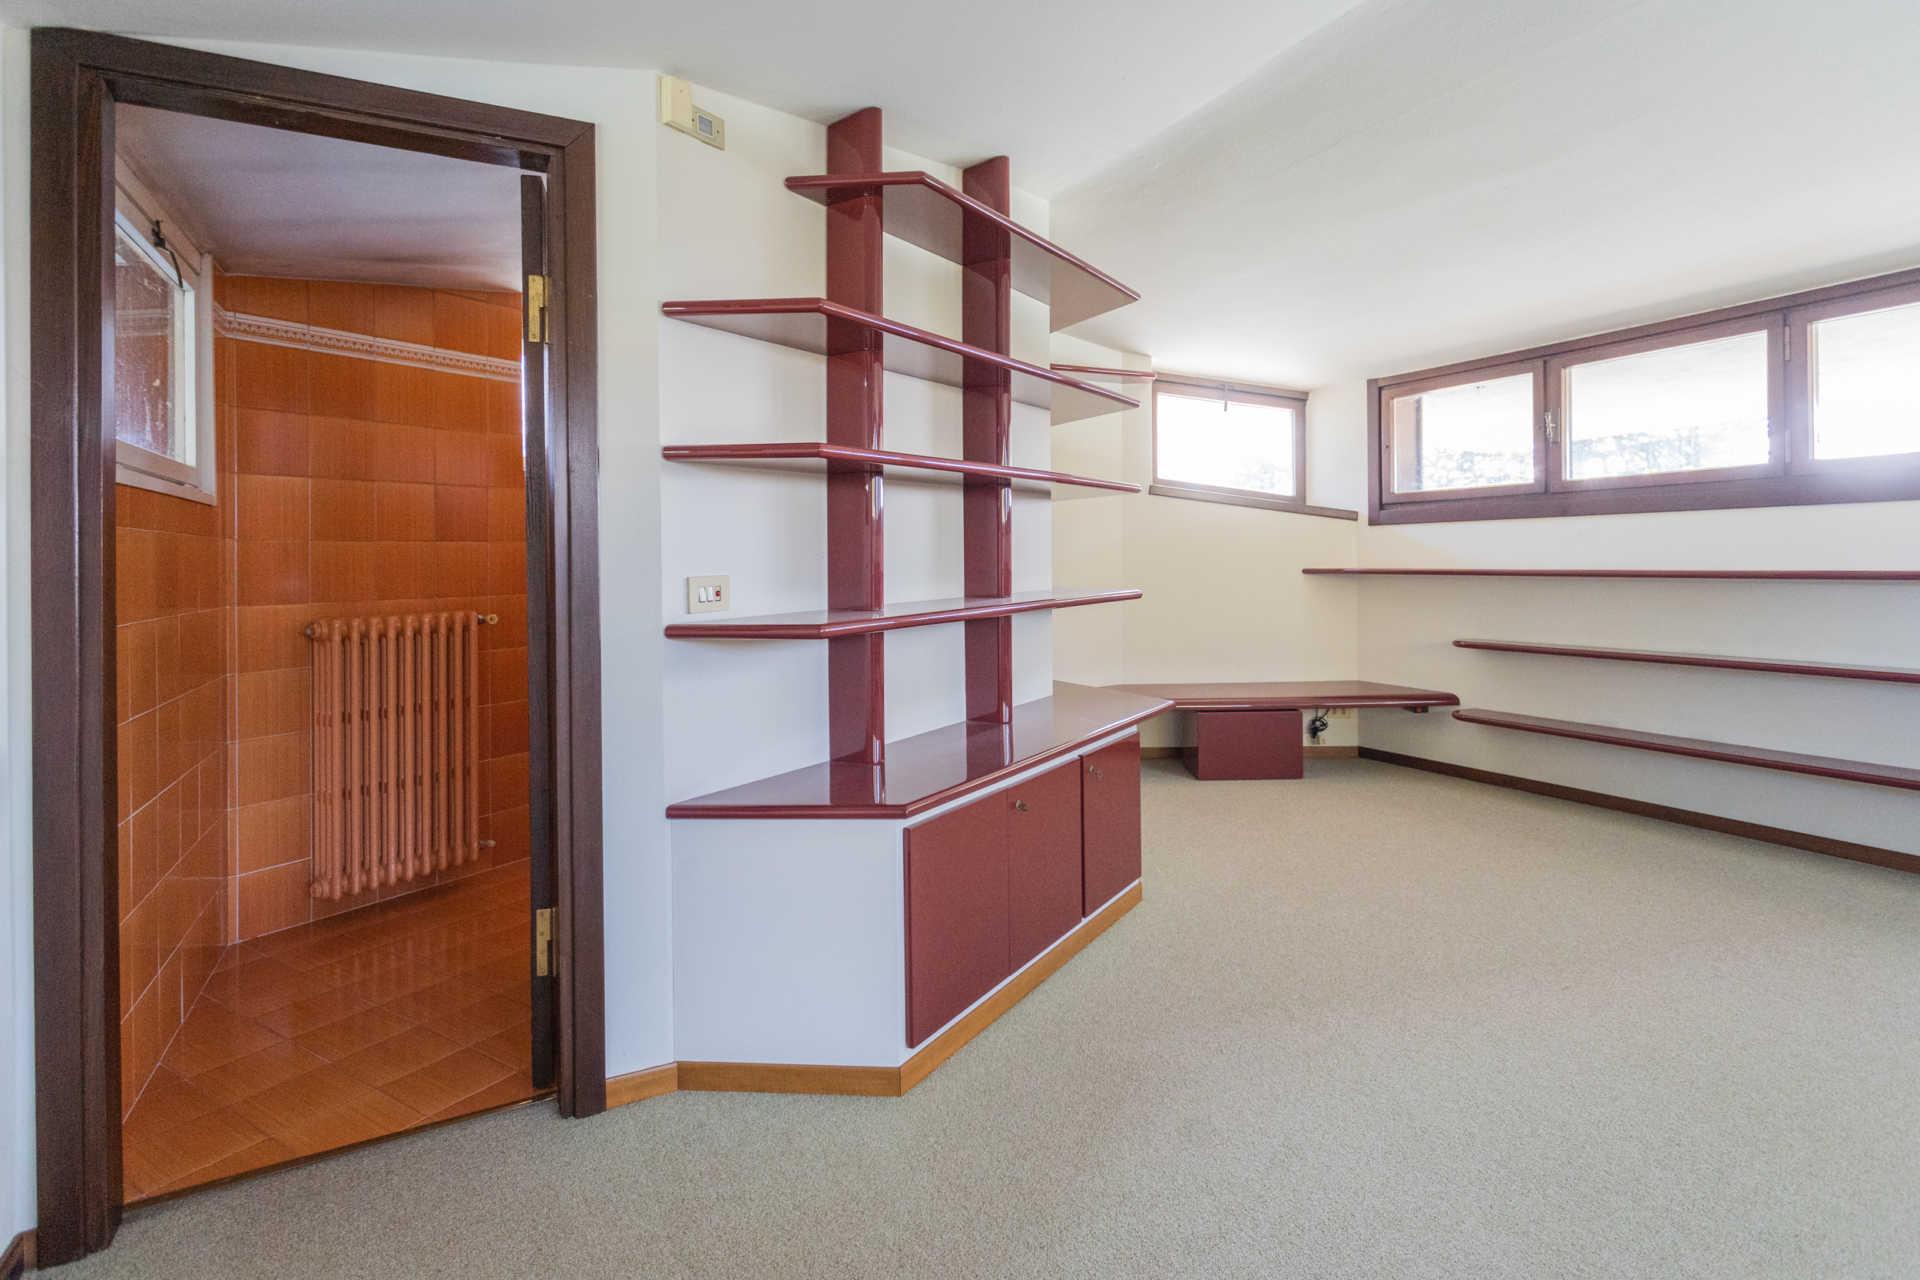 Villa-singola-Carate-Brianza-in-vendita (43)